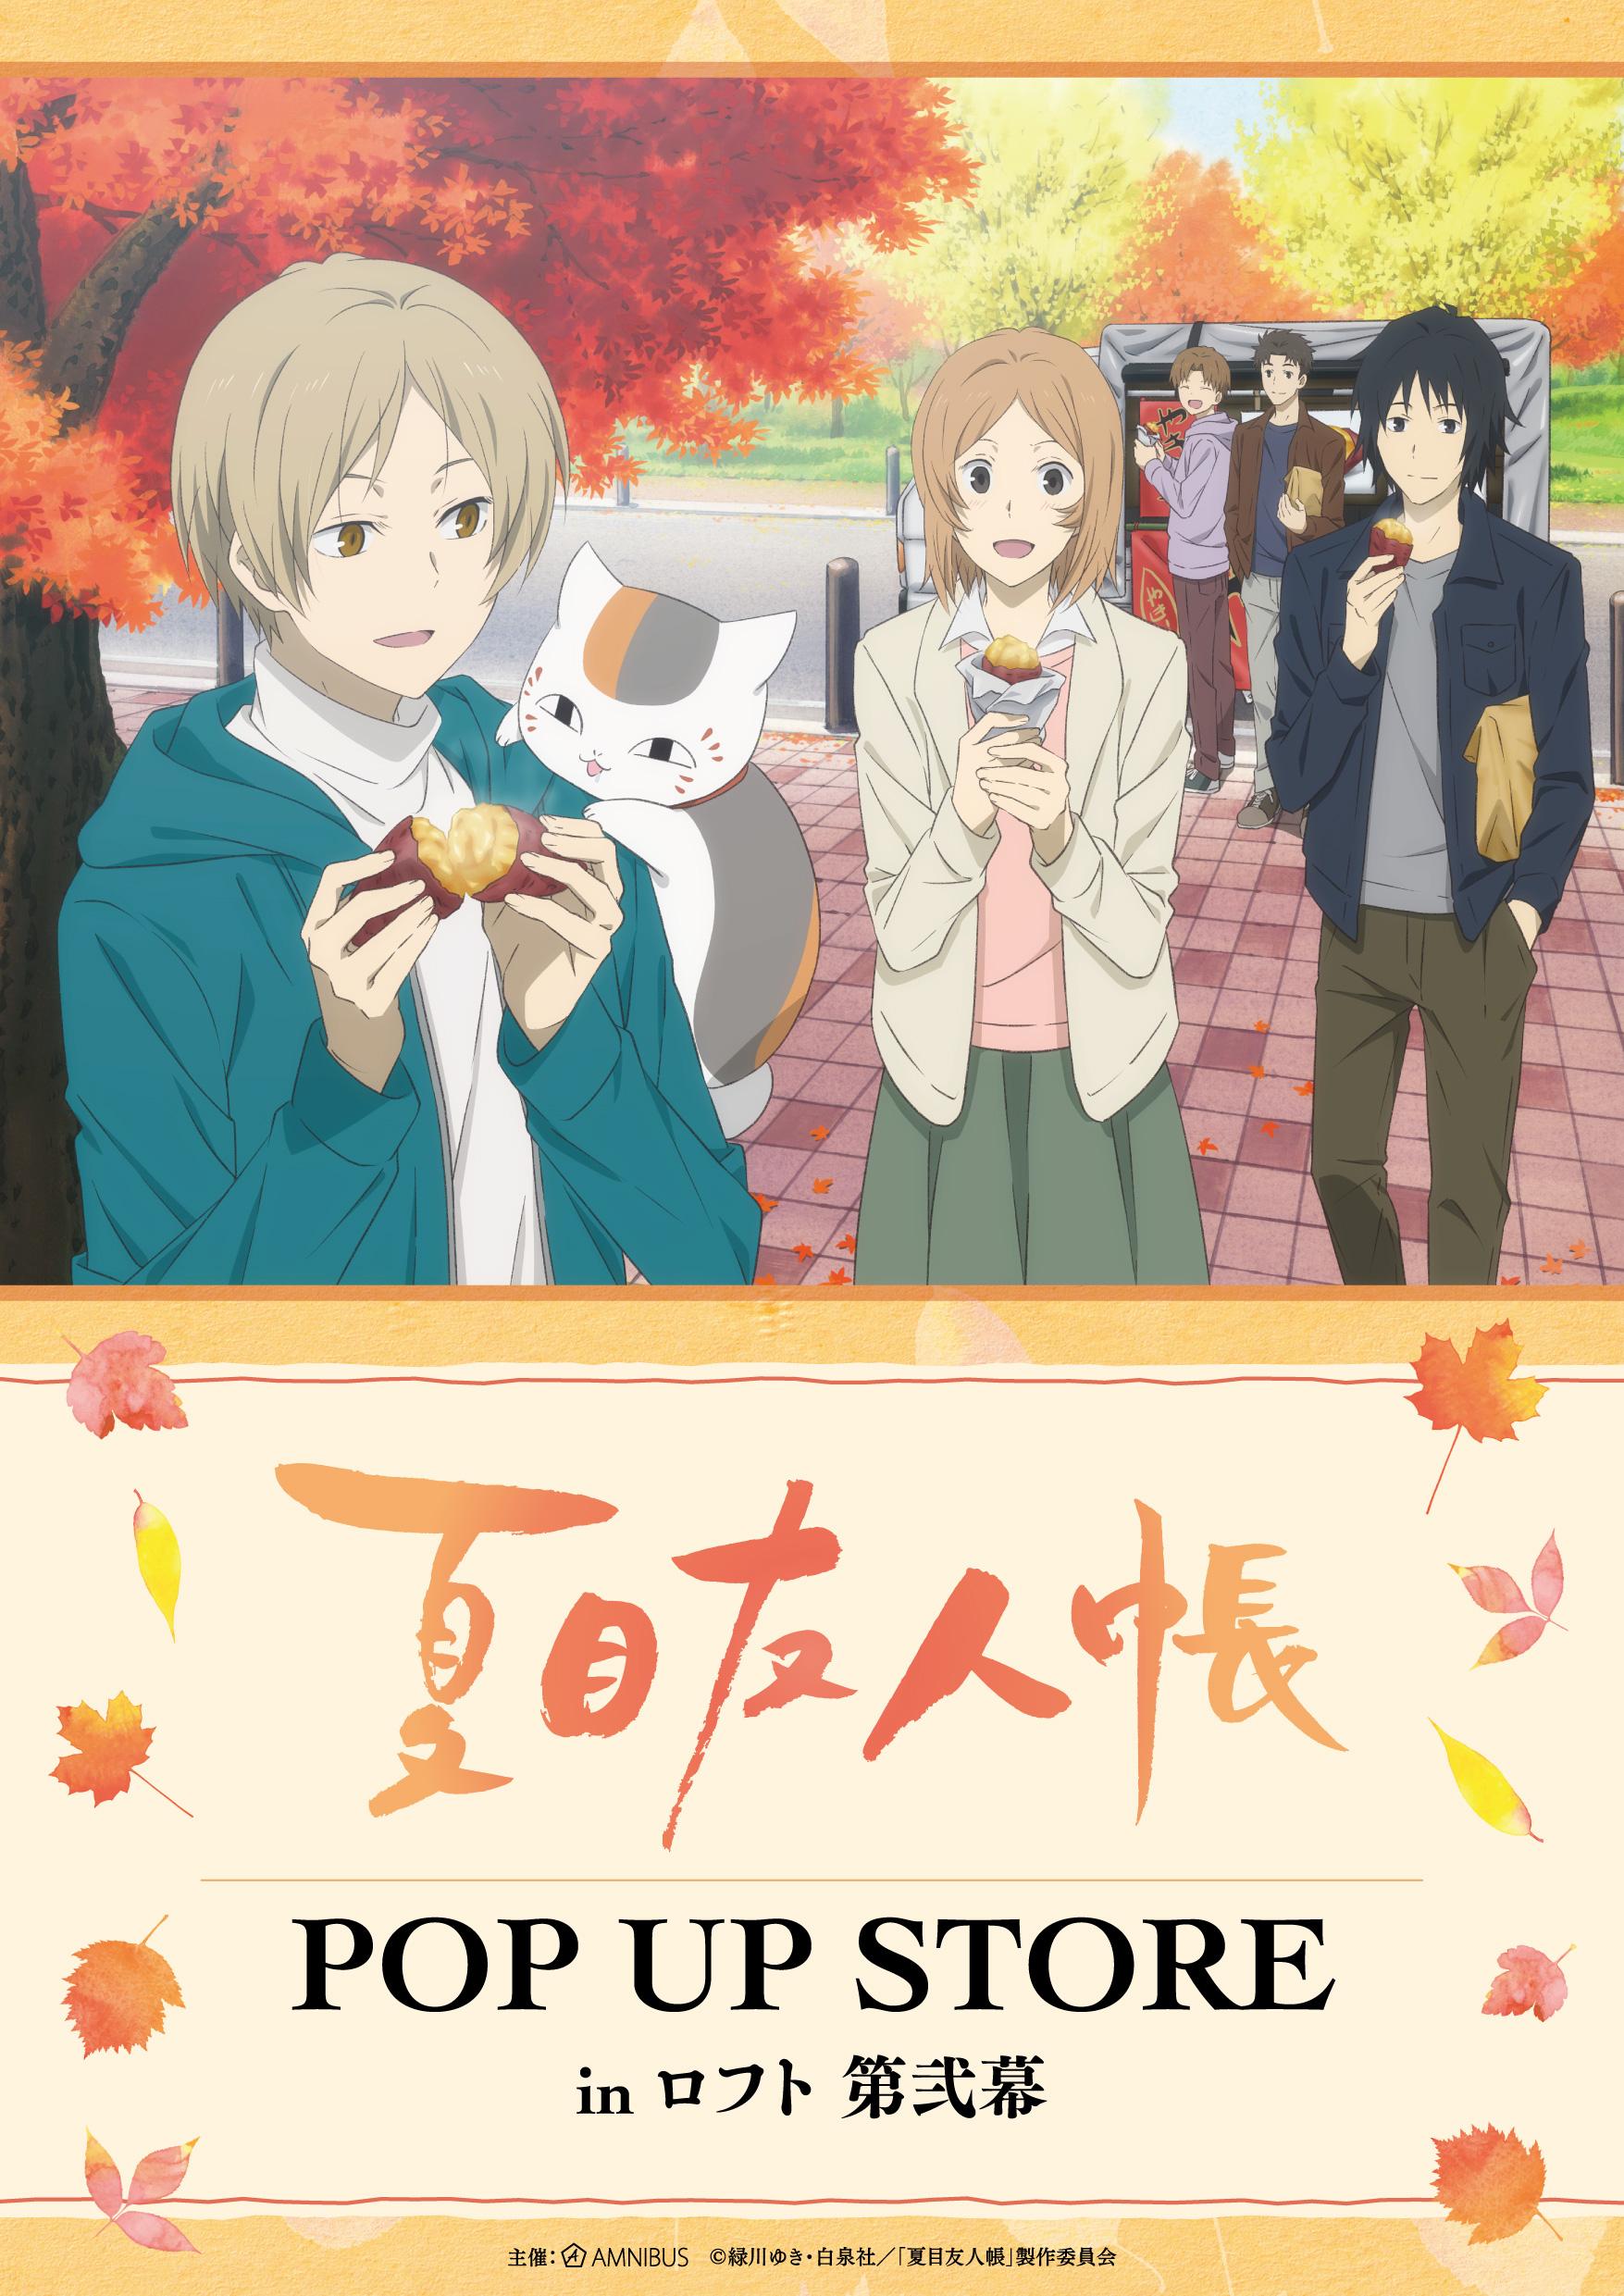 「夏目友人帳」焼き芋を堪能するニャンコ先生や夏目!POP UP STOREで新グッズゲット